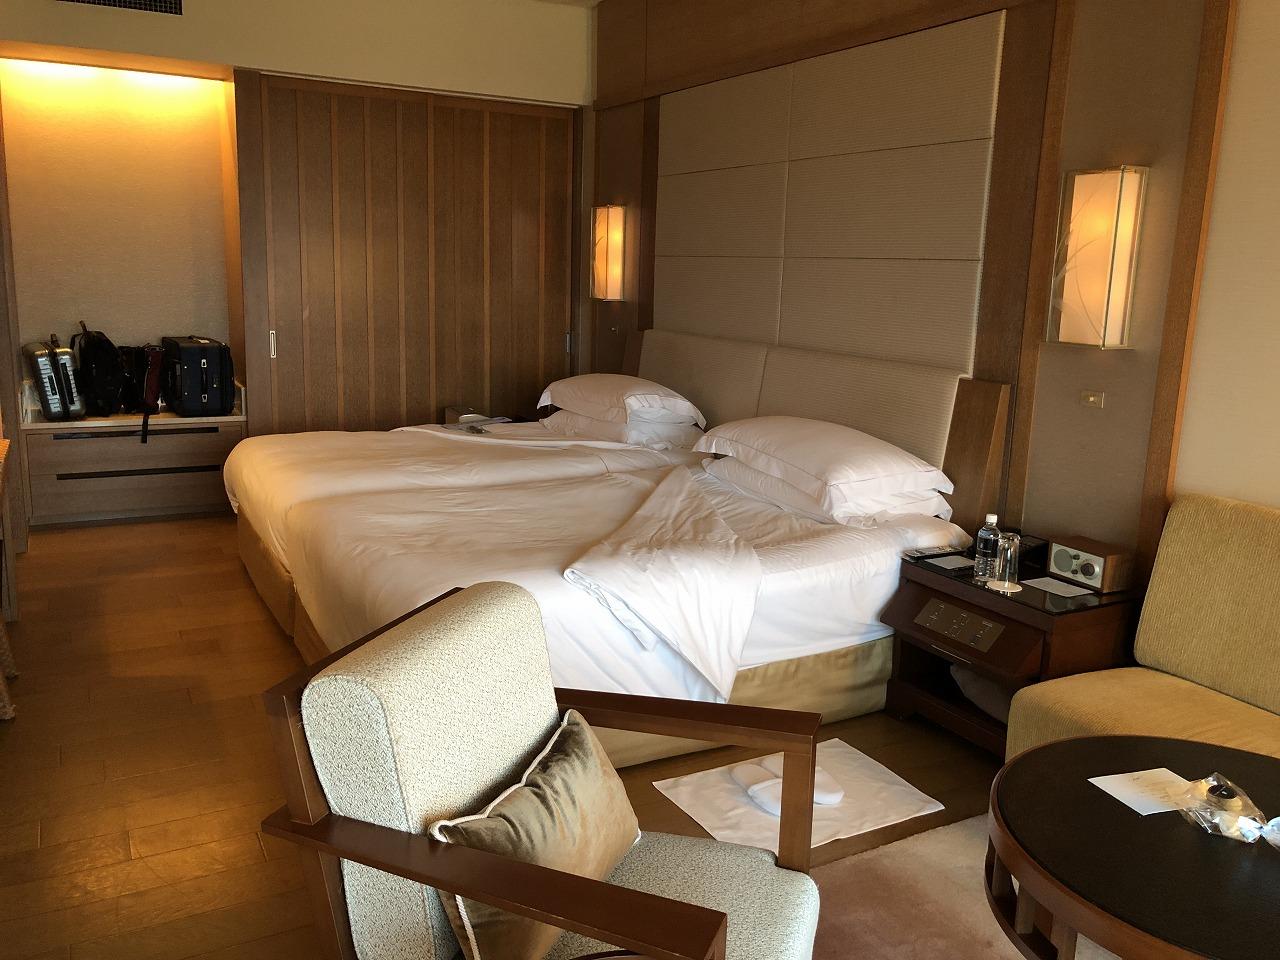 リッツカールトン沖縄のデラックスルームのベッドルーム側3